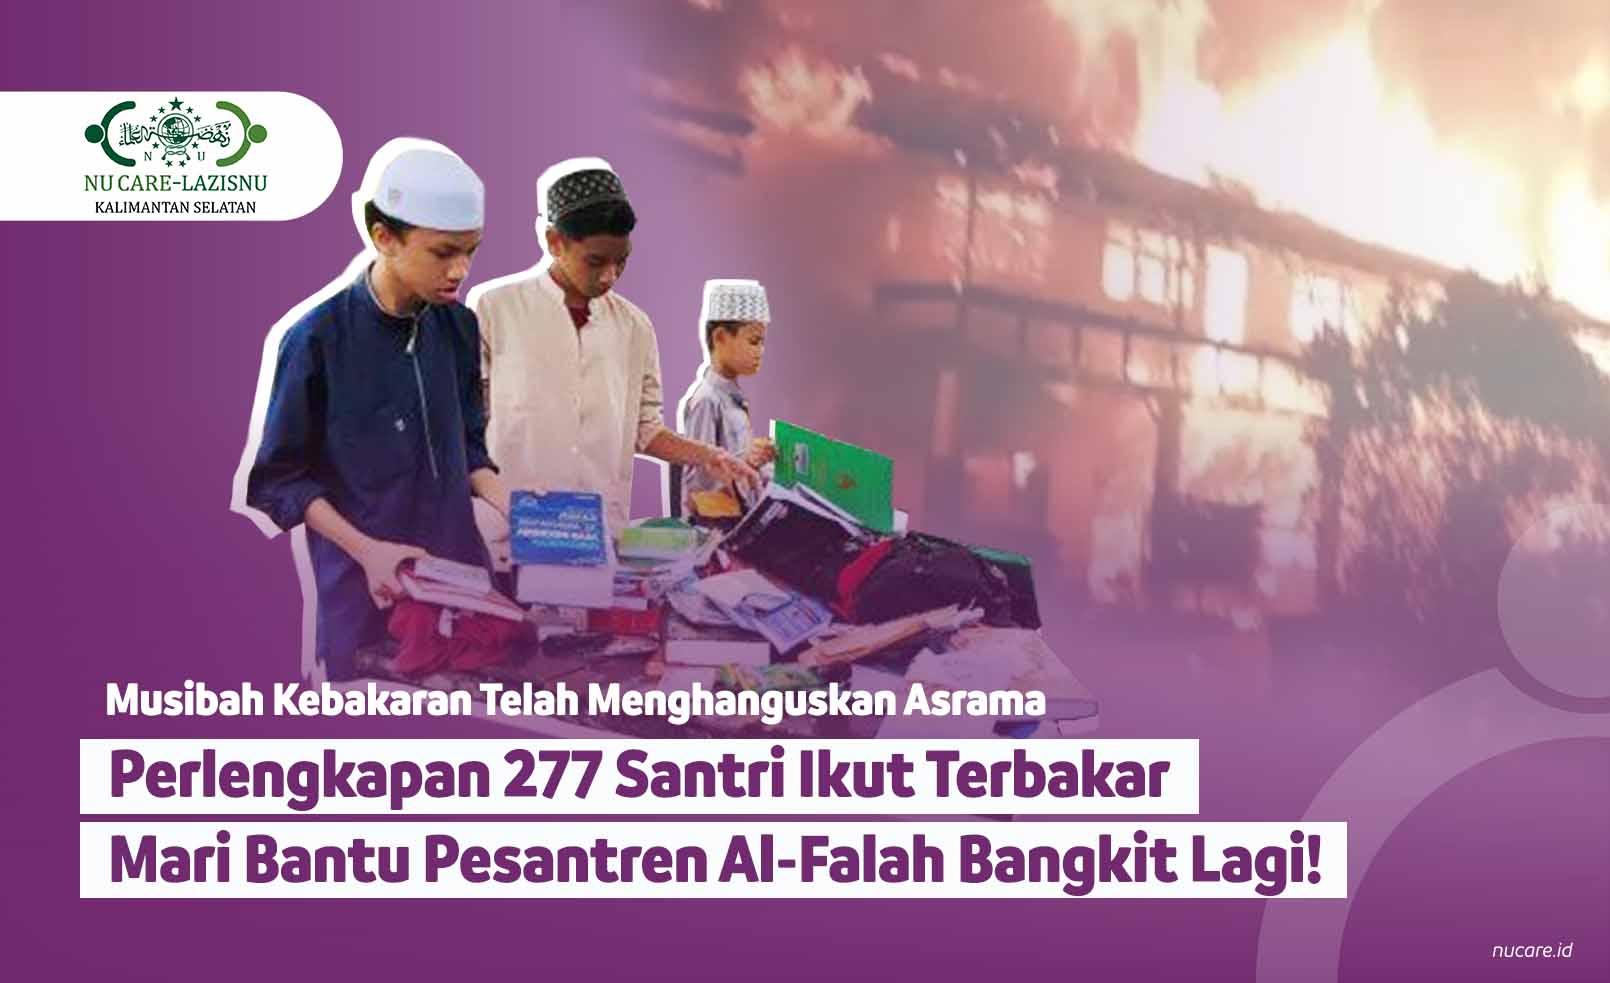 Pesantren Al-Falah Banjarbaru Kalsel Terbakar, Mari Bantu!